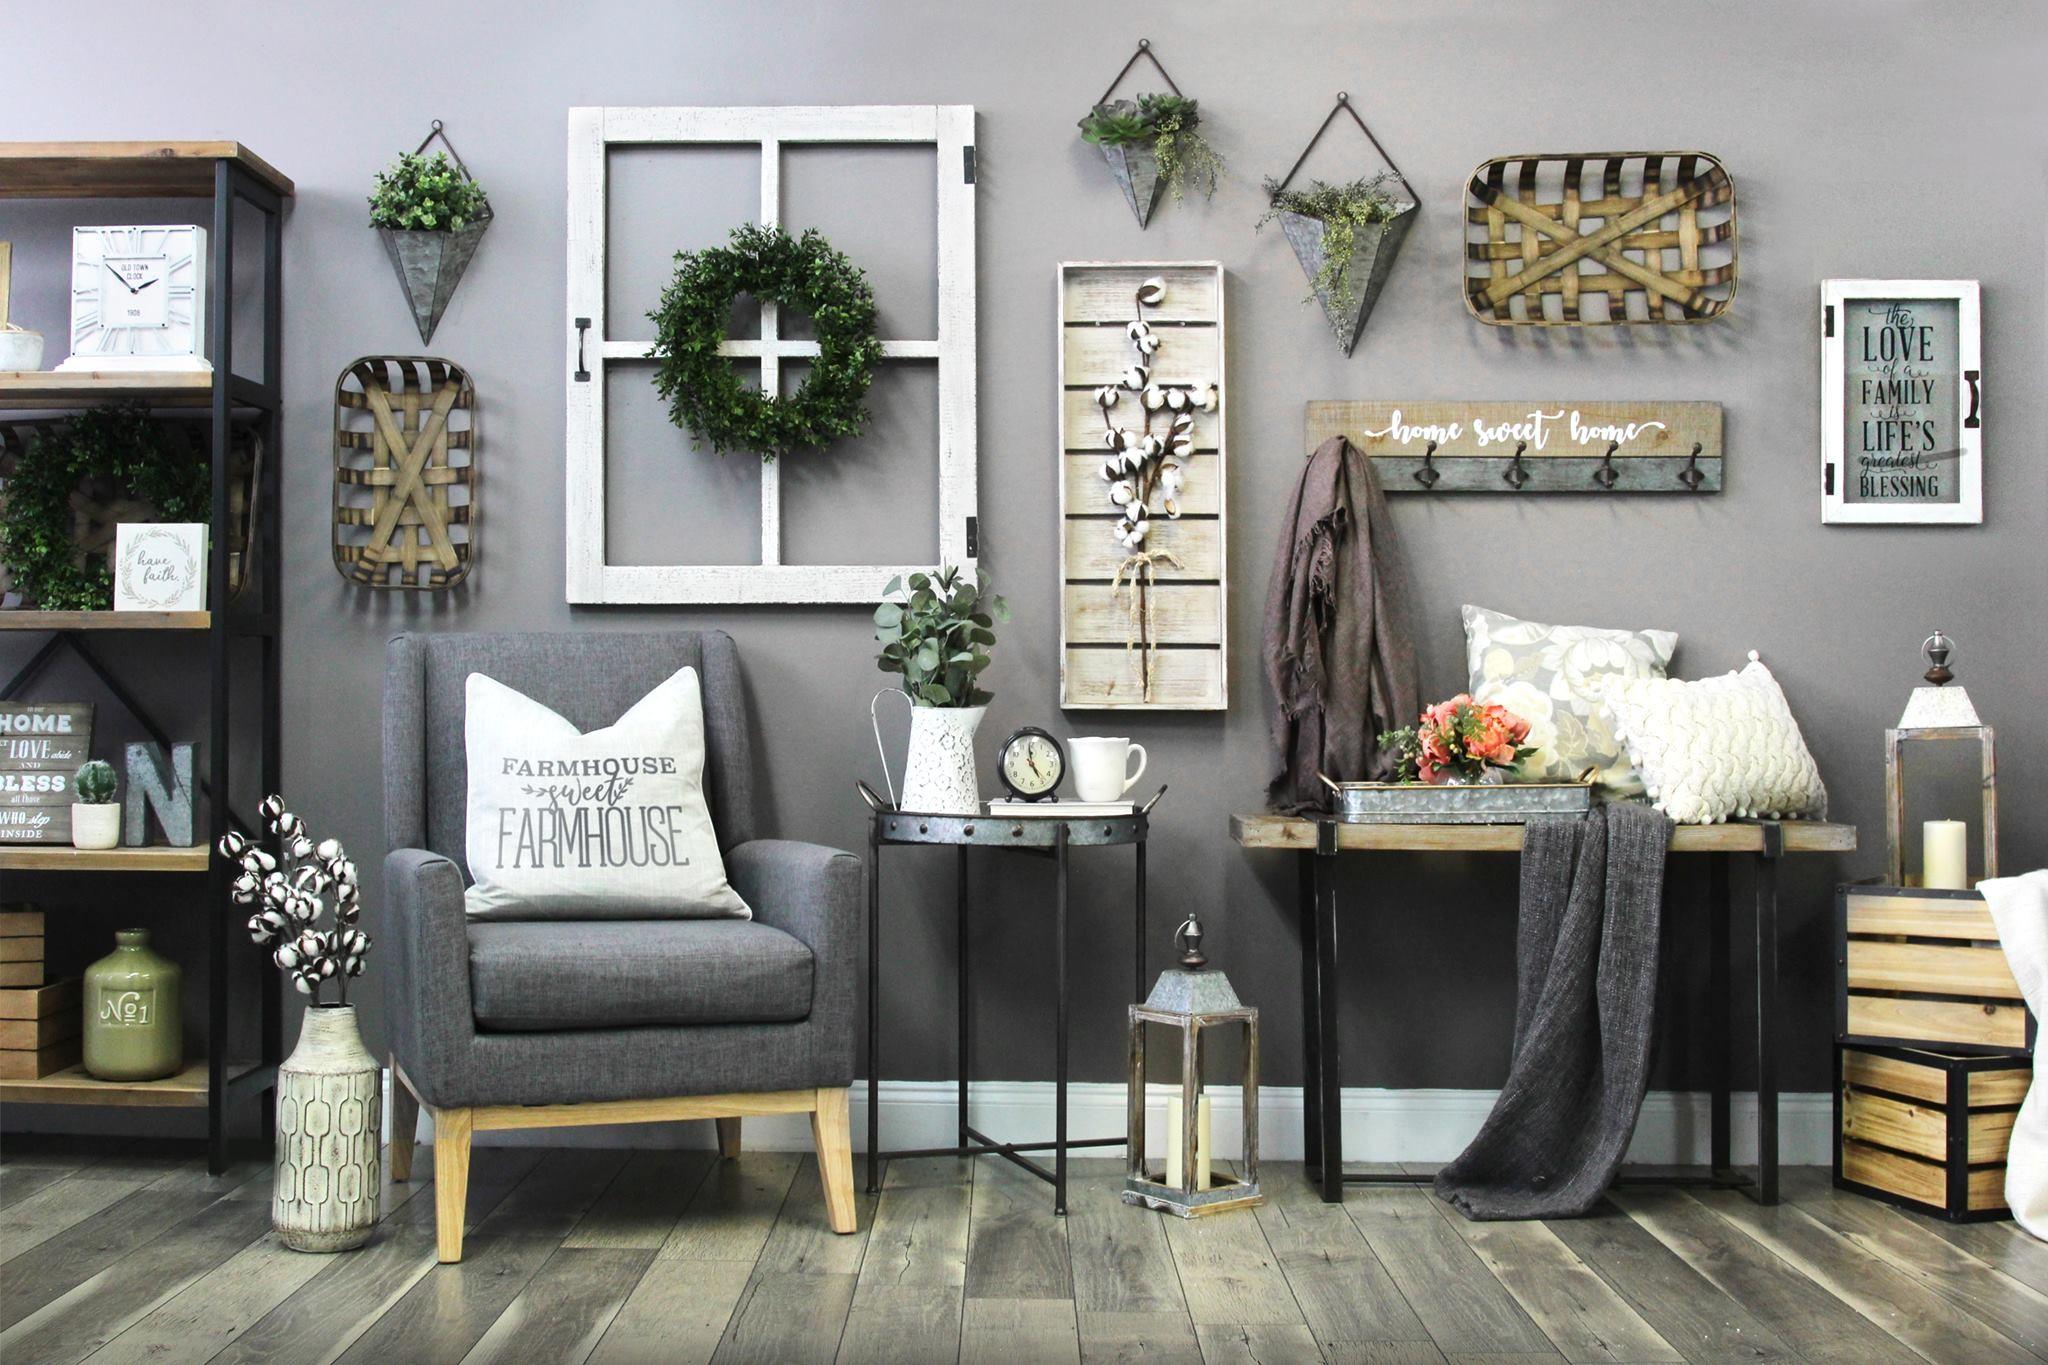 8 regras de decoração no quarto merecem ser quebradas!